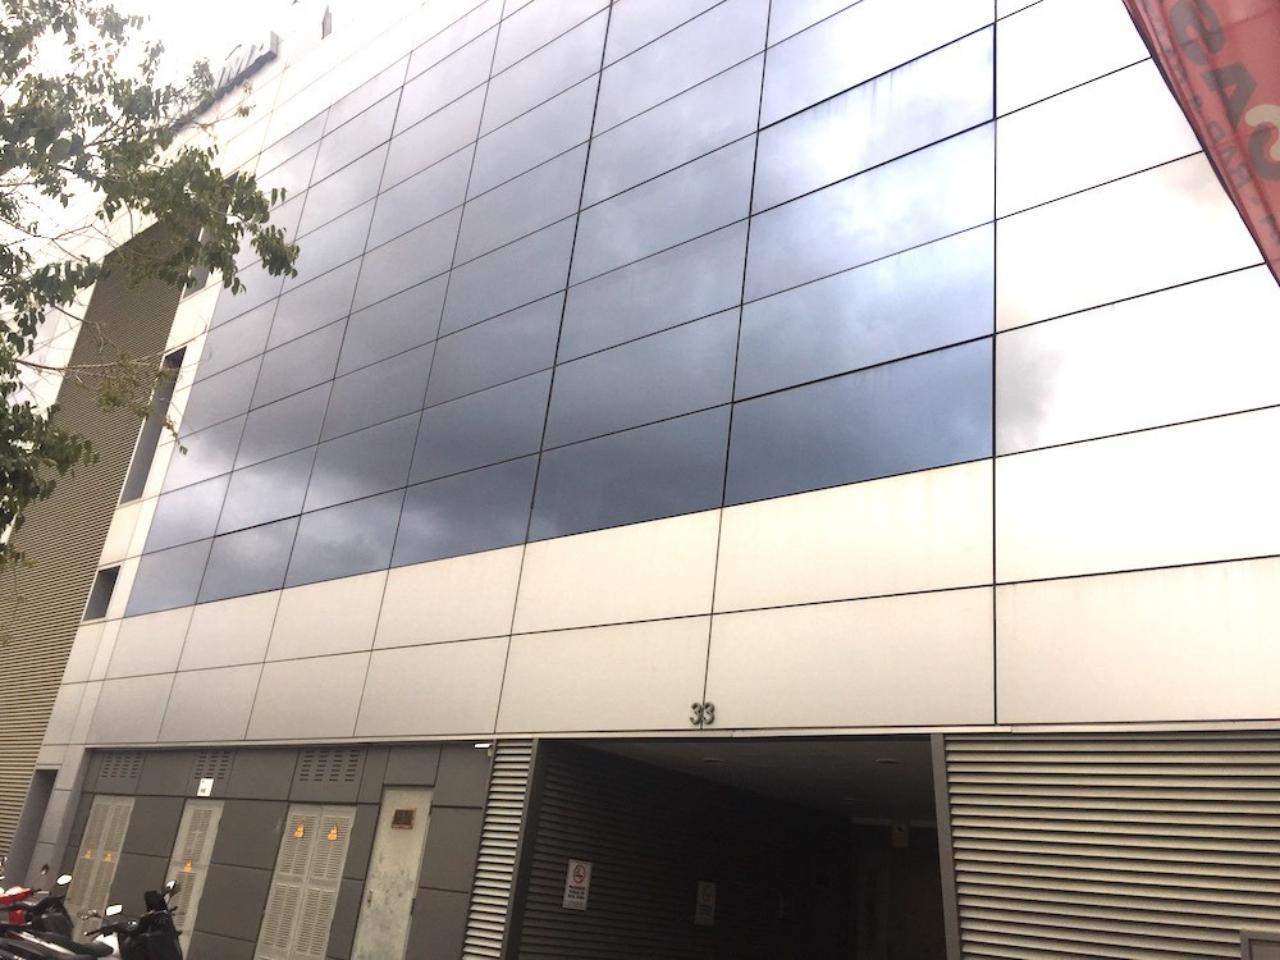 Oficina en venta en Sa Indioteria, Palma de Mallorca, Baleares, Calle Gremi de Fusters, 225.000 €, 150 m2